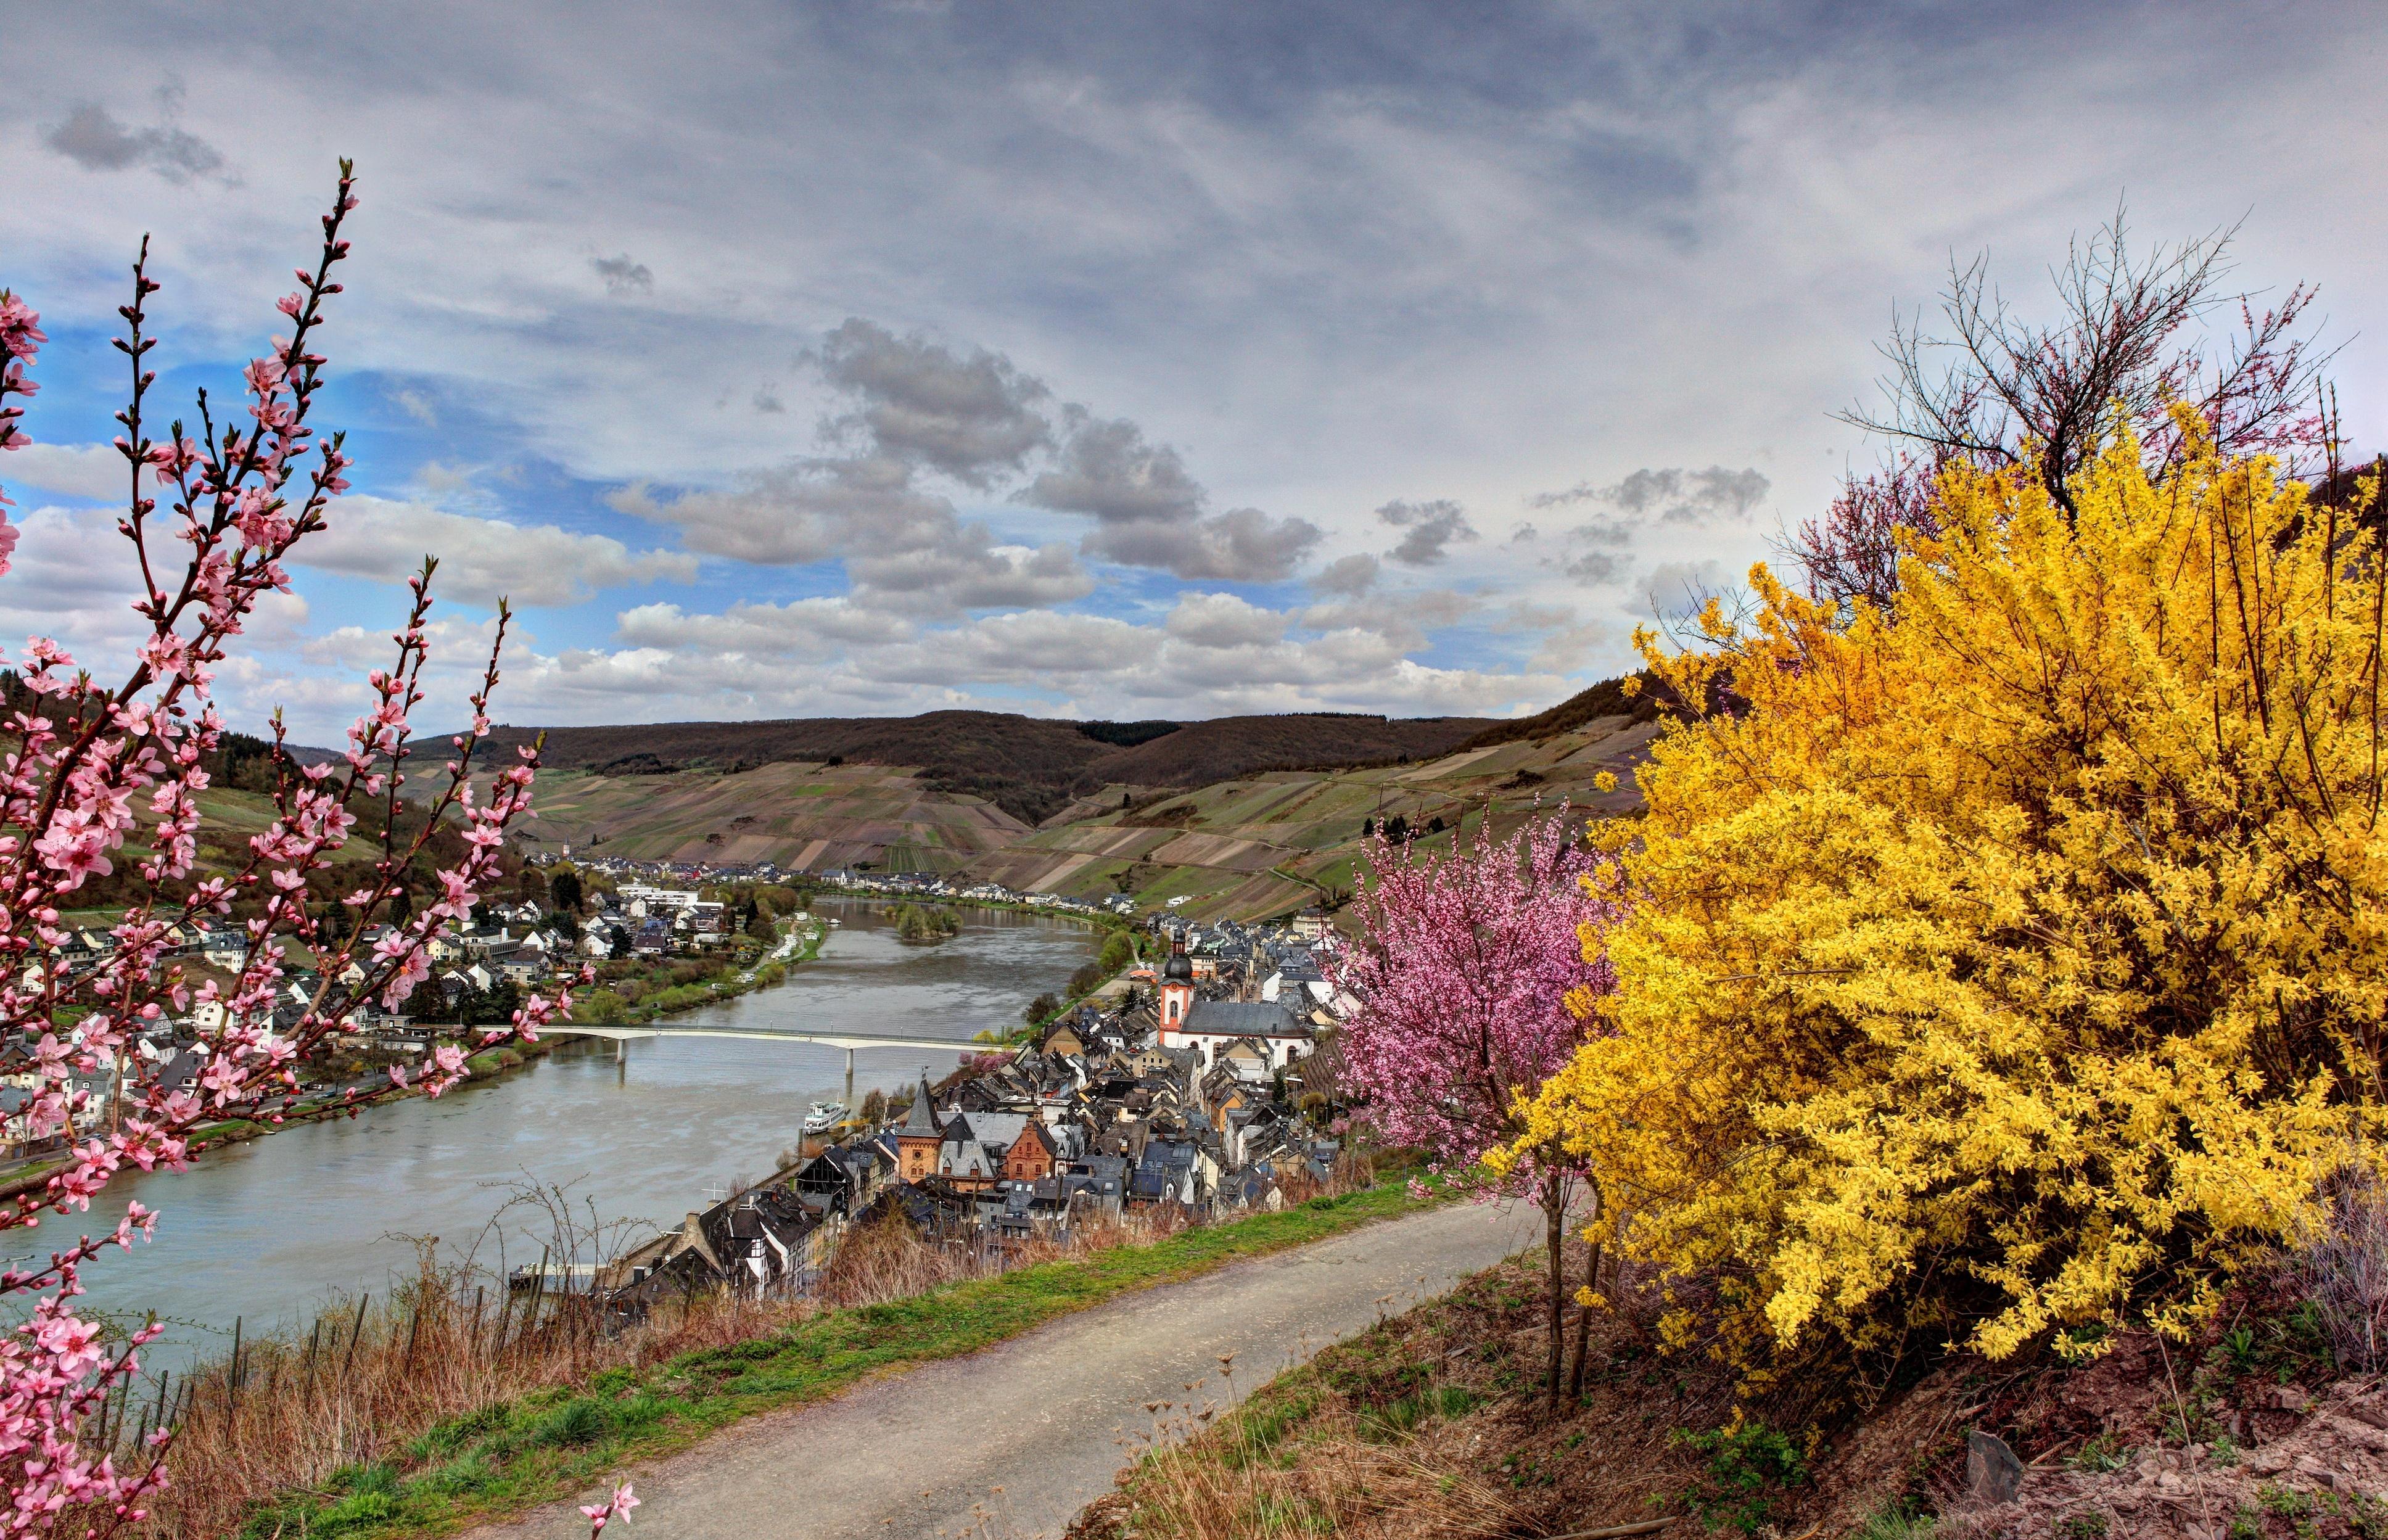 104688 fond d'écran 540x960 sur votre téléphone gratuitement, téléchargez des images Rivières, Nature, Buissons, Allemagne 540x960 sur votre mobile